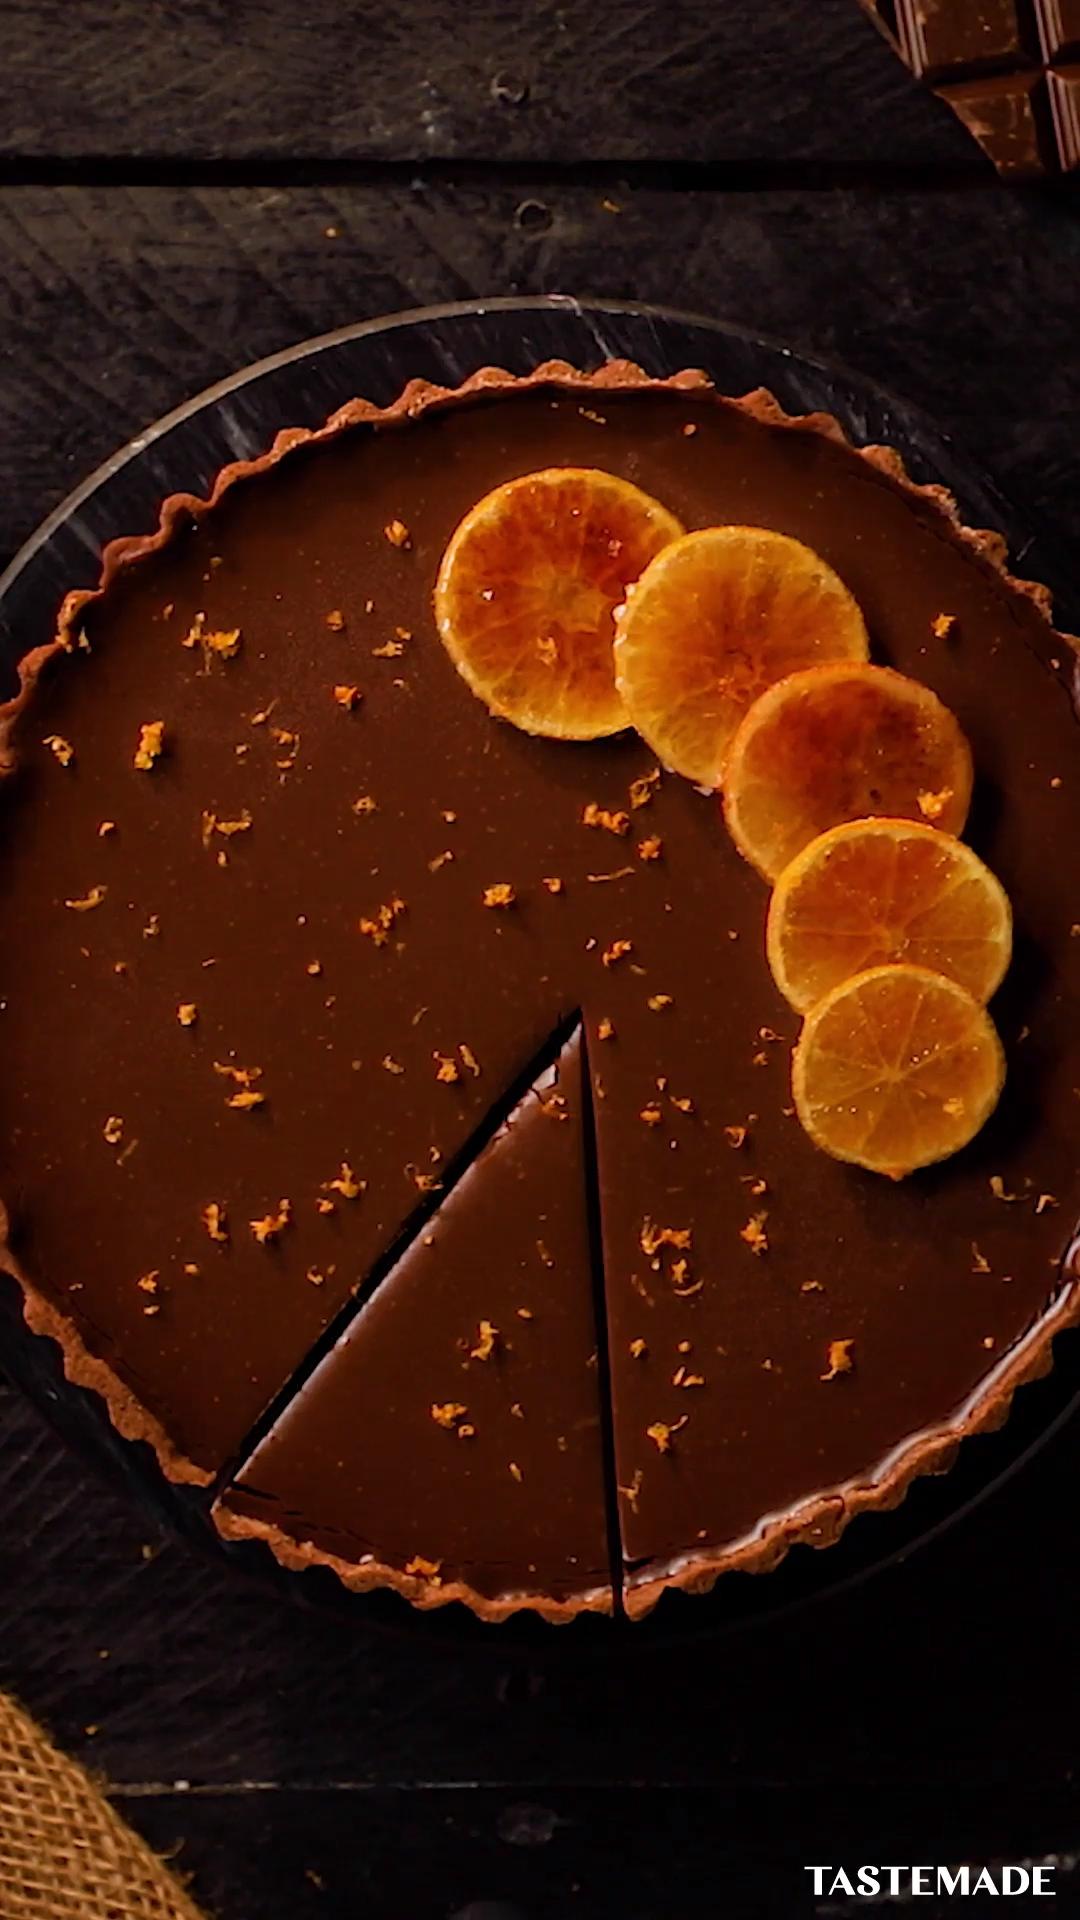 Chocolate and Clementine Tart